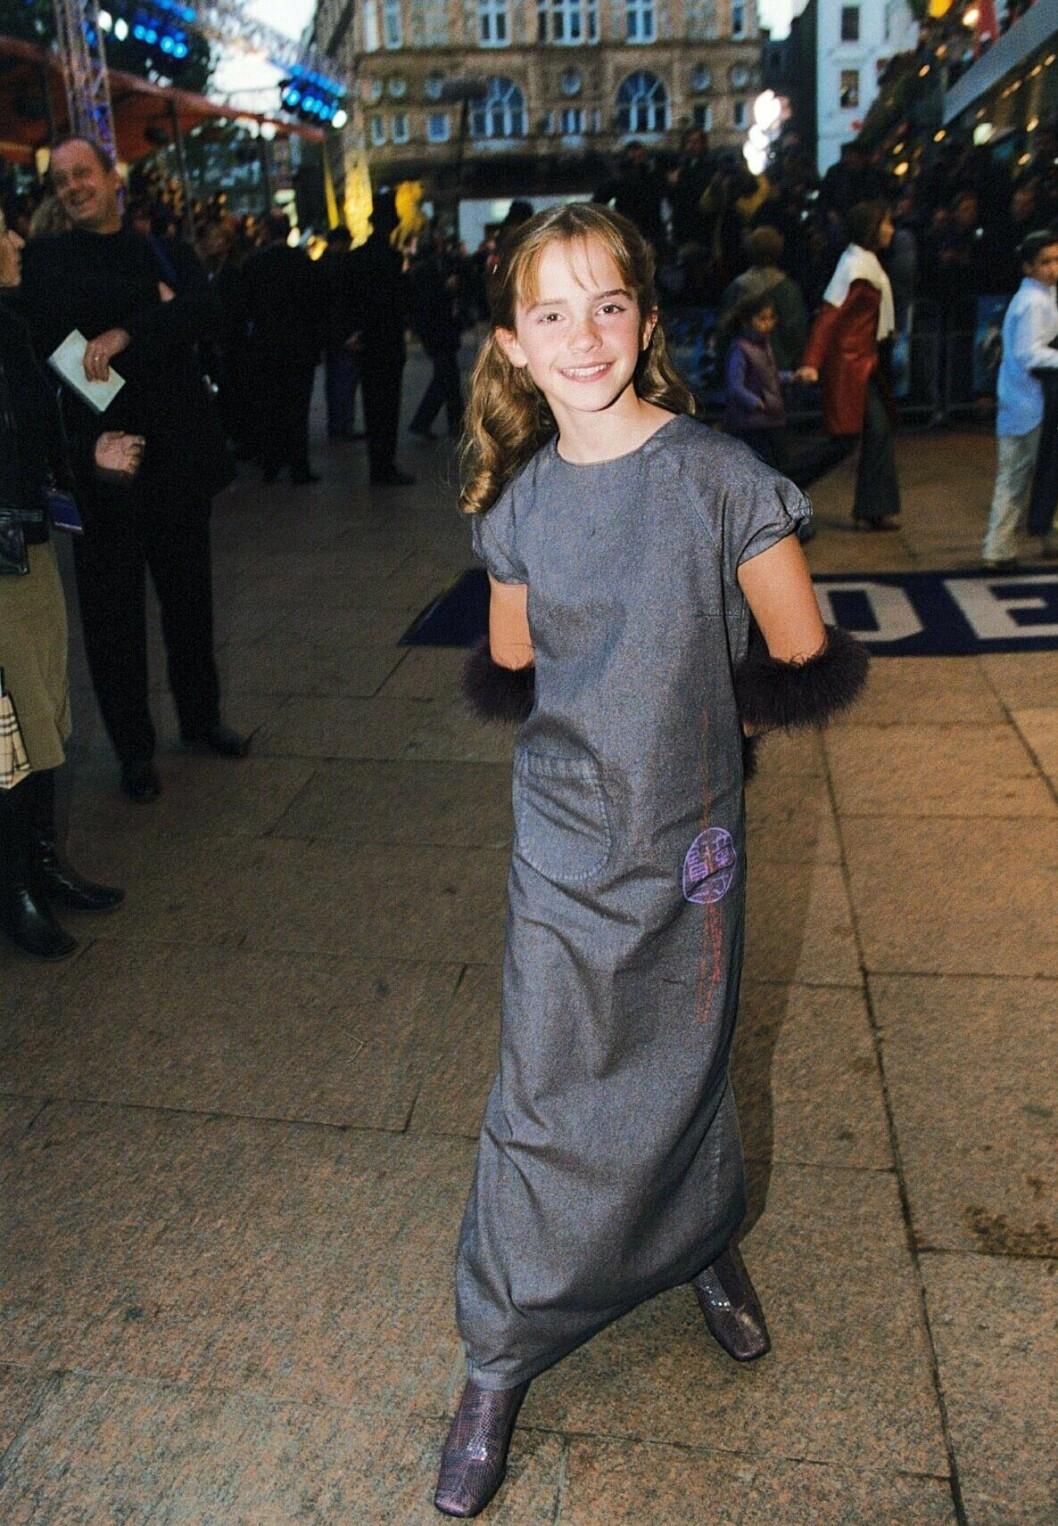 """EMMA WATSON på premiären av """"HARRY POTTER AND THE PHILOSOPHER'S STONE"""" WORLD FILM PREMIERE HELD på THE ODEON CINEMA IN LEICESTER SQUARE, LONDON, BRITAIN. 4 NOV 2001"""